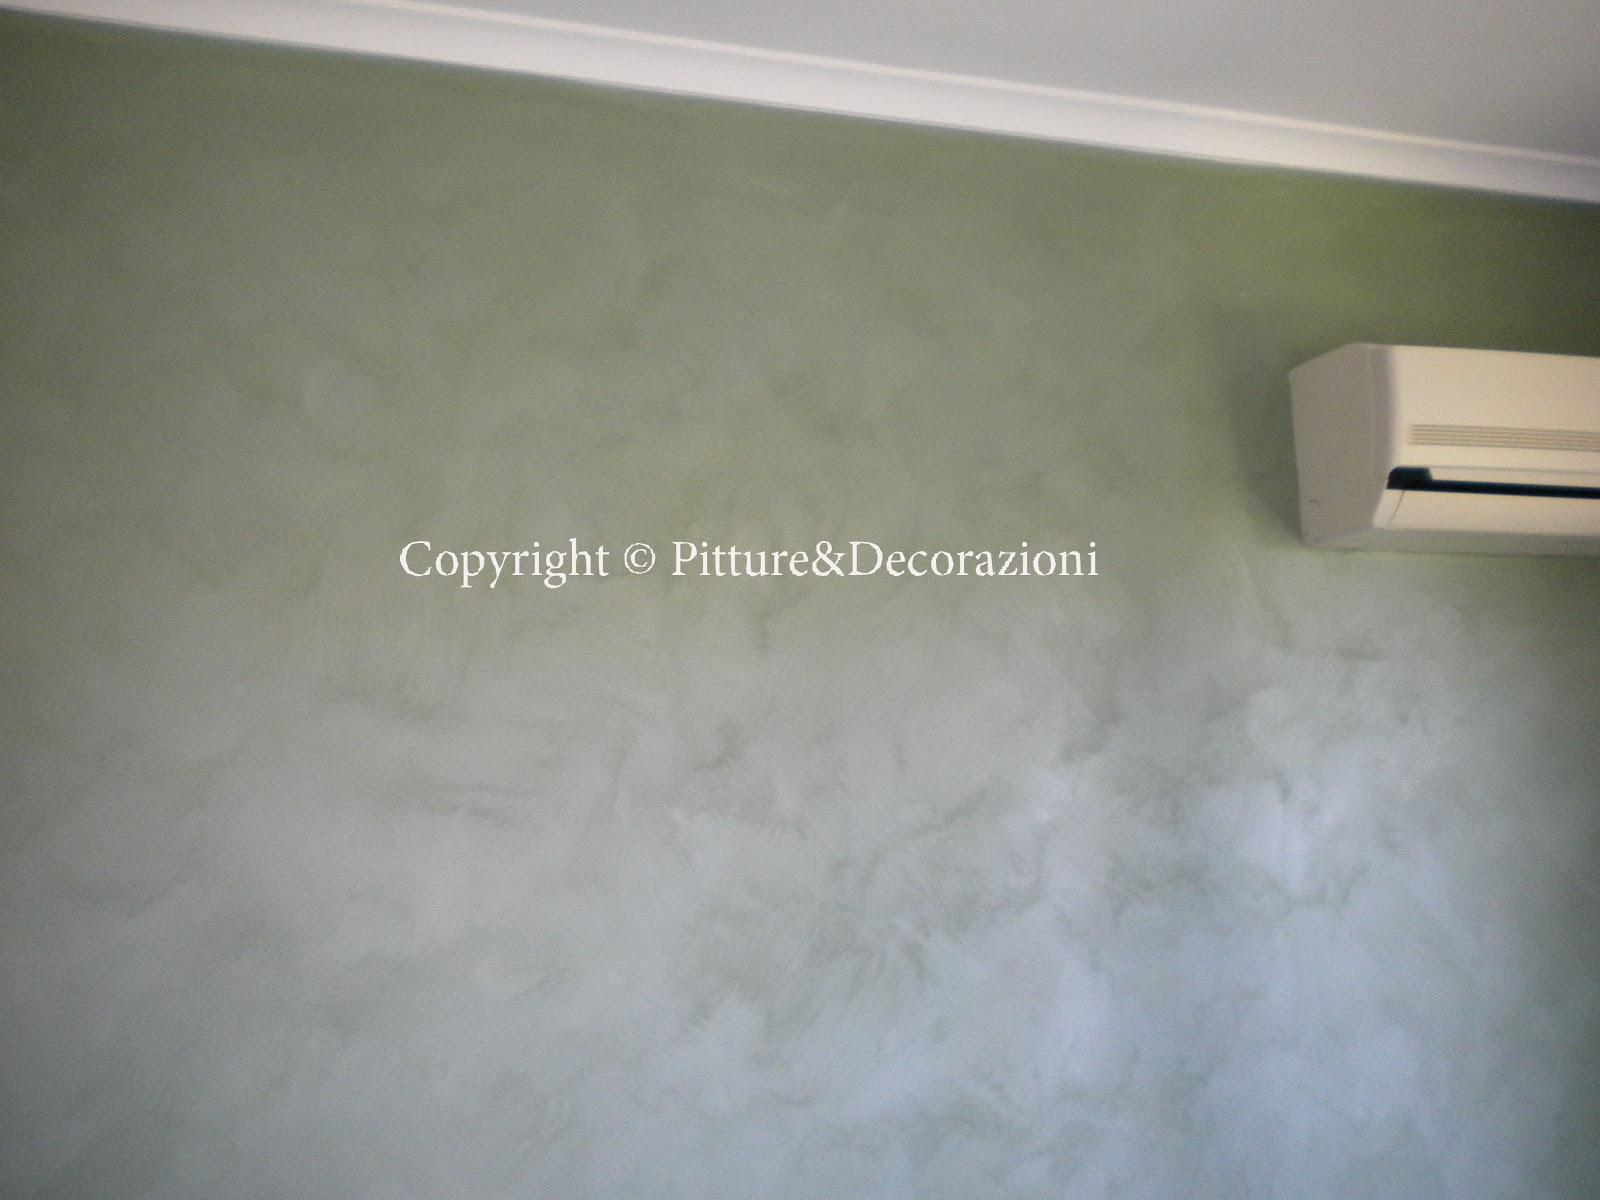 Pareti Grigie Con Glitter : Pittura pareti gioia pietra zen colorata istinto pietra spaccata